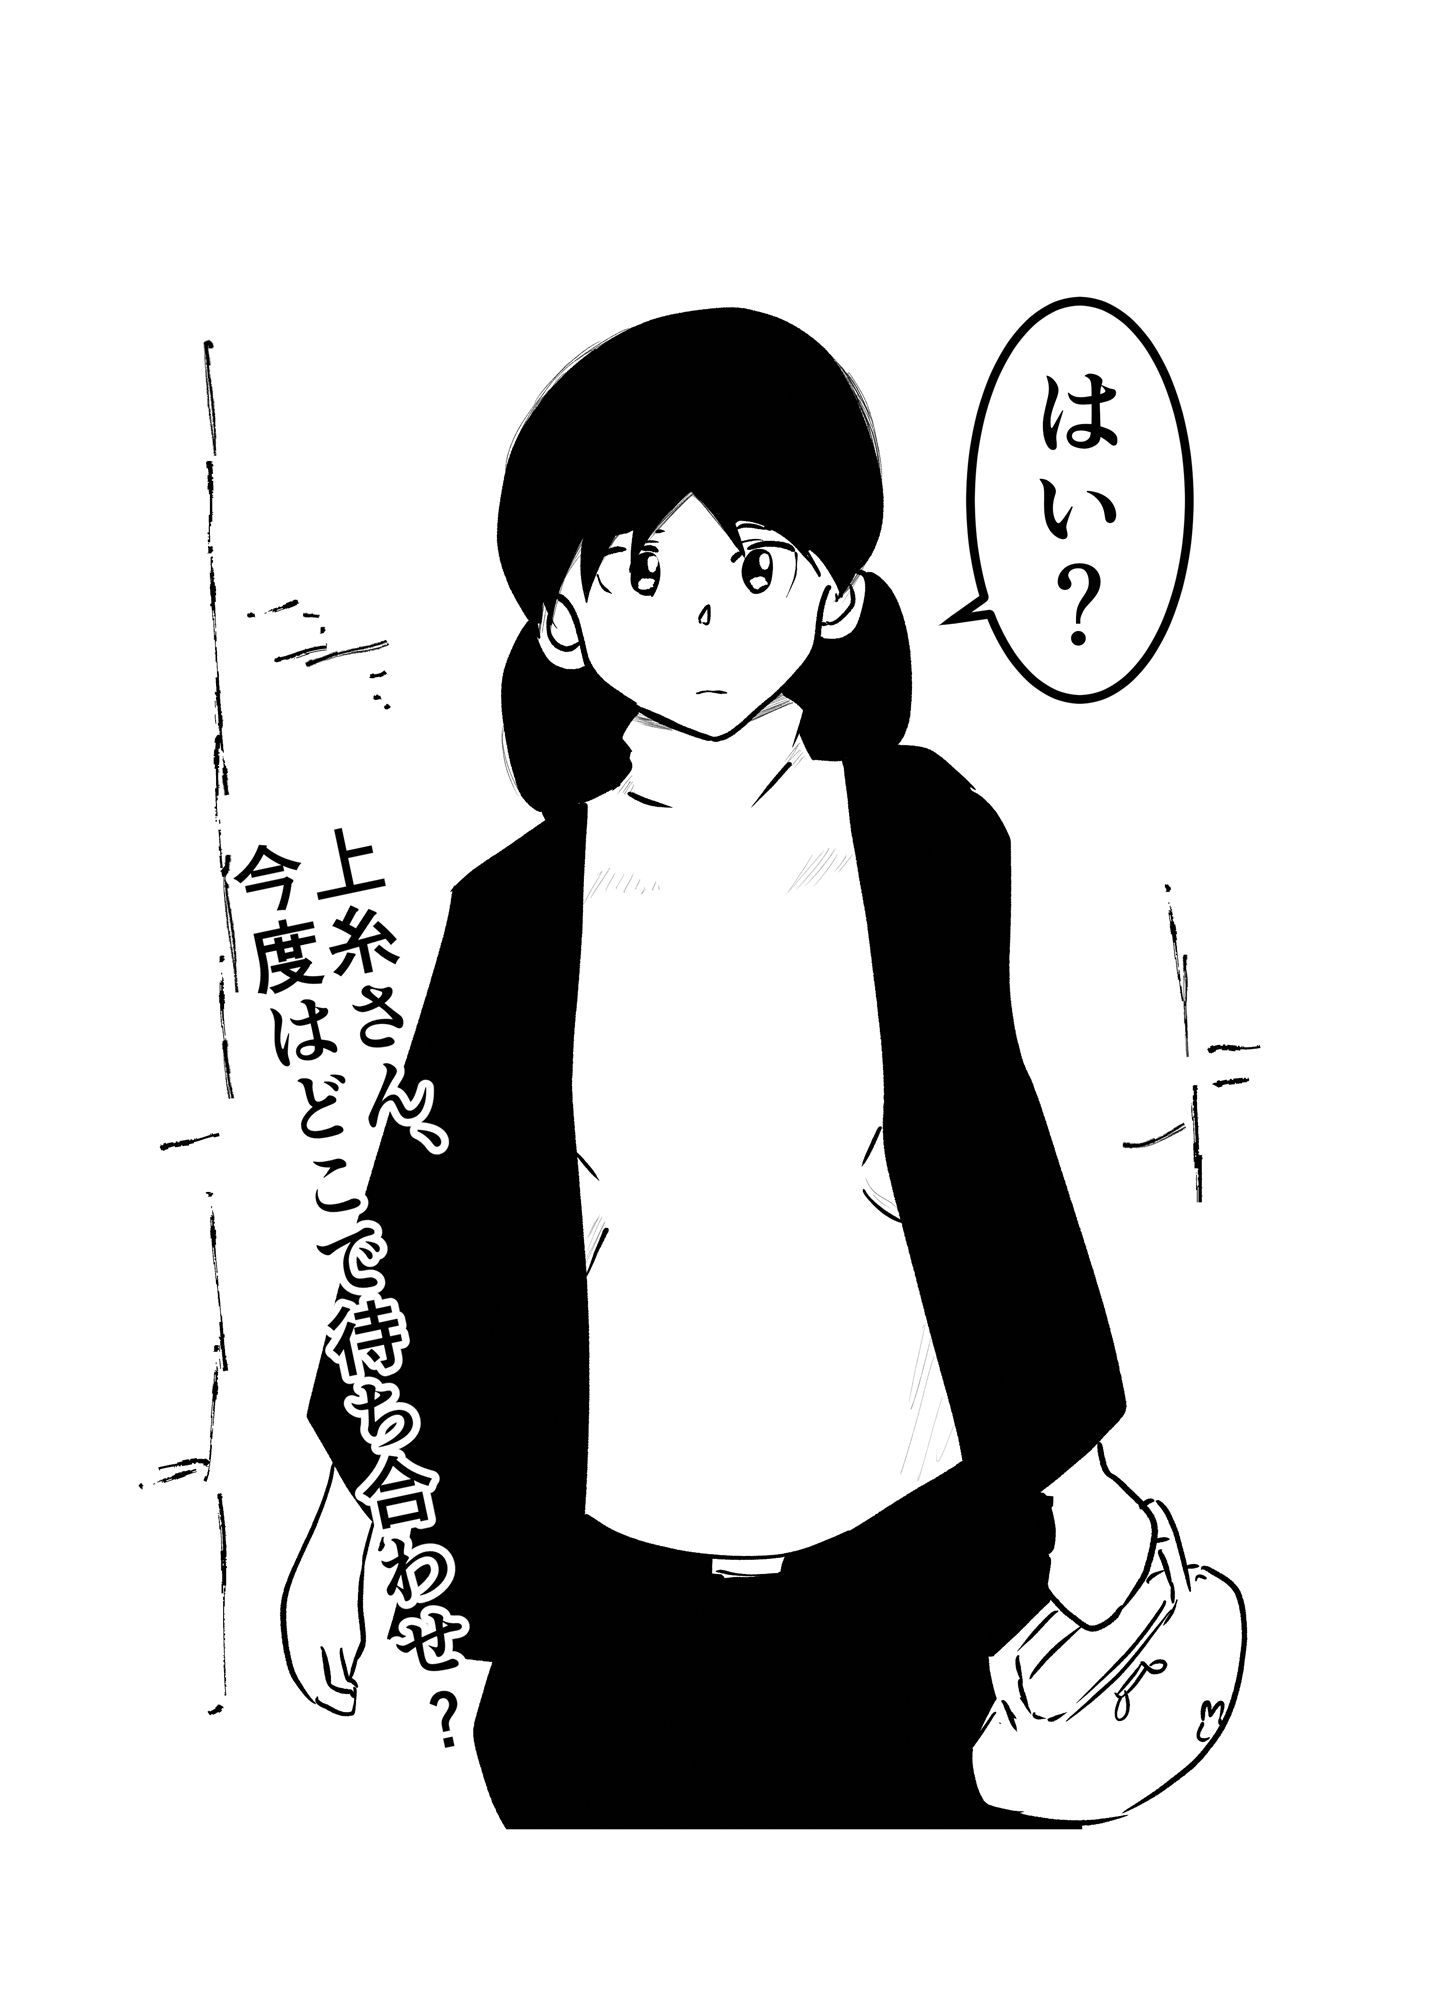 【緋色研究所 同人】上糸さんは待たされて。(NTR?寝取られ妄想女子)